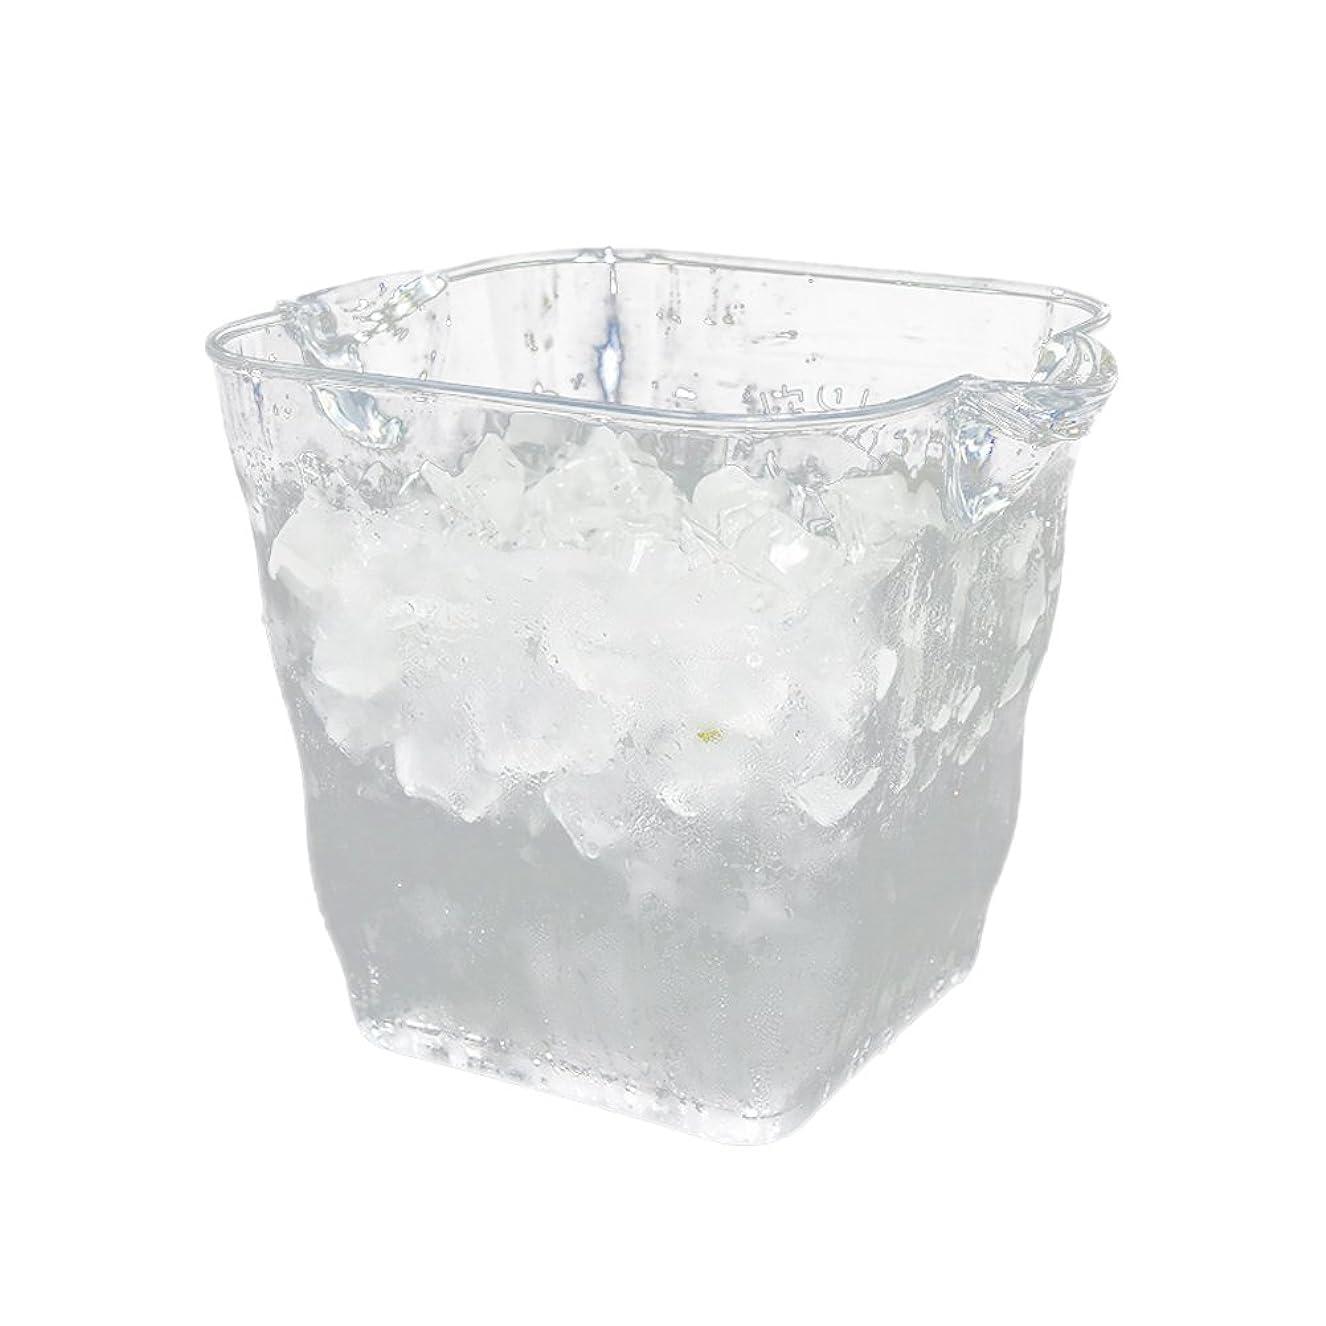 大使はい作成するOUNONA アイスペール アイスバスケット ワインクーラー 透明 軽量 ワイン シャンパン ビール用 アクリル(20x20cm)